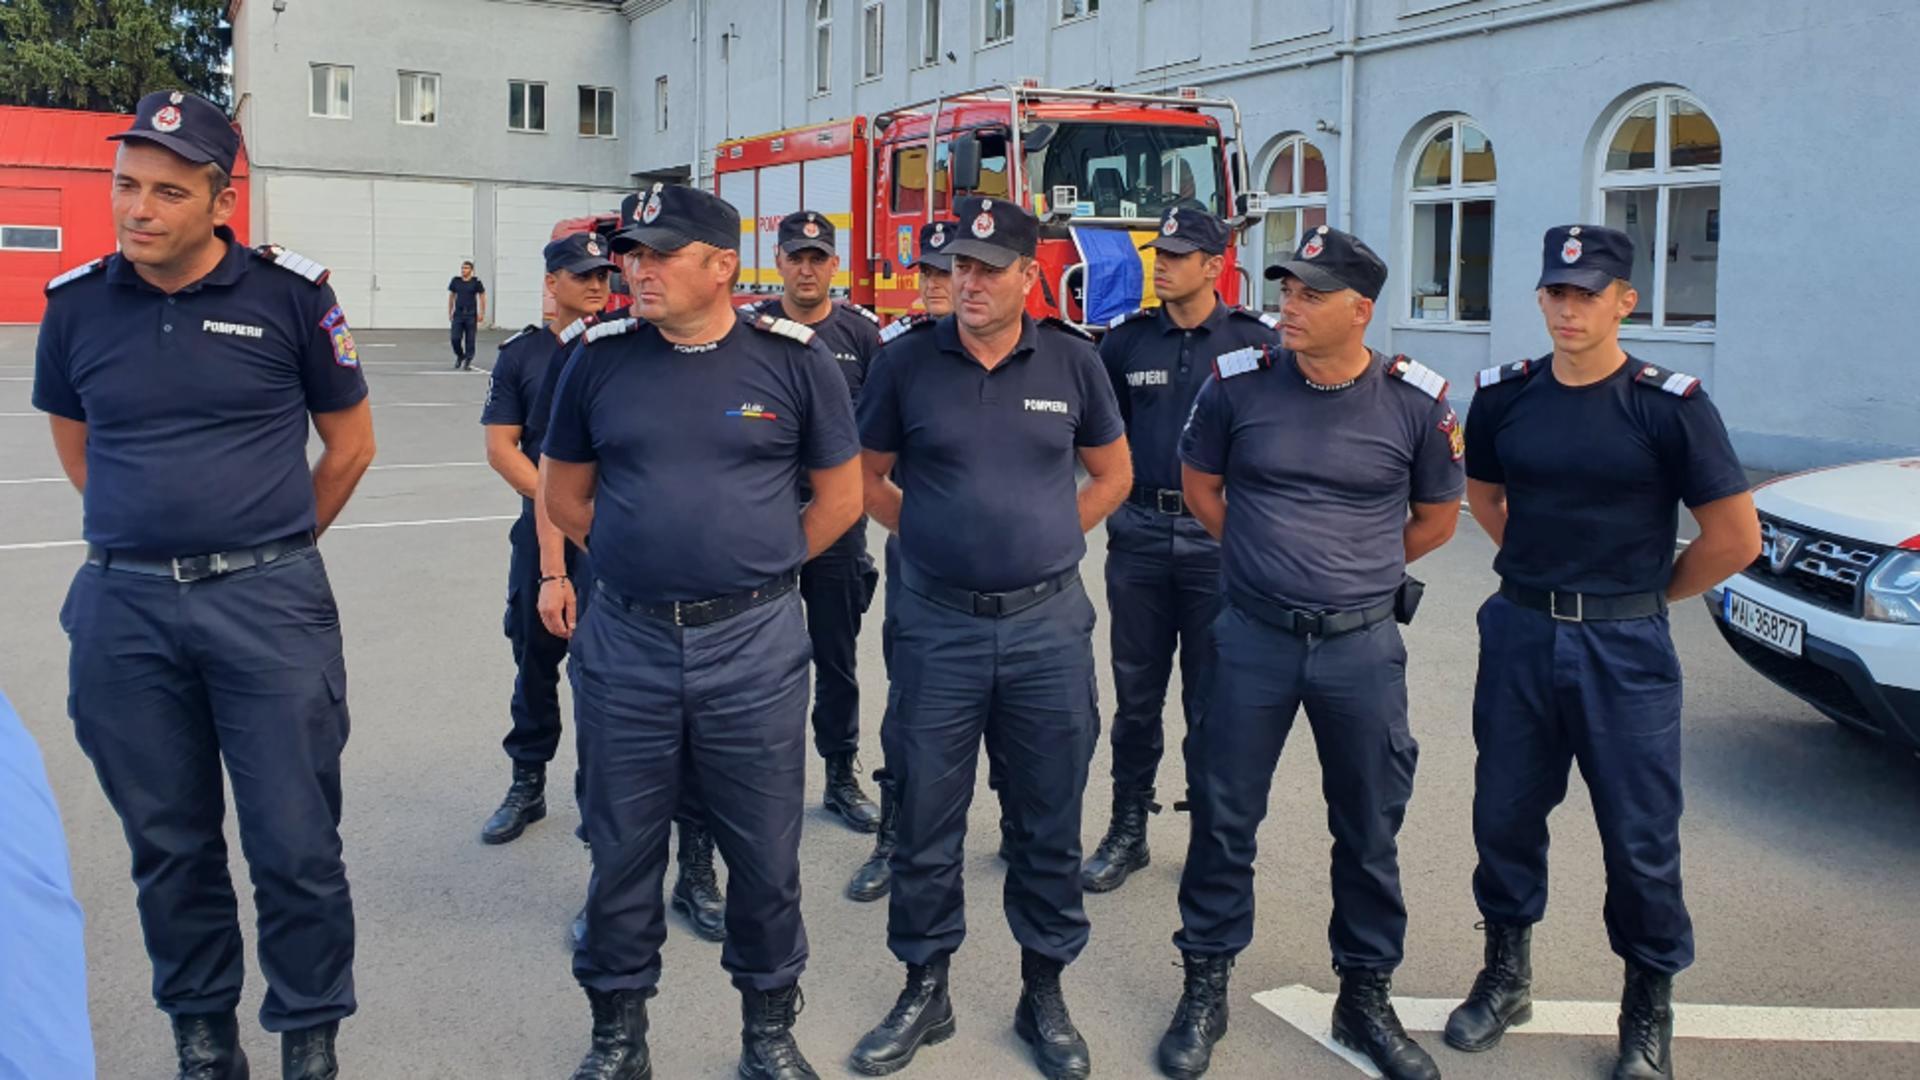 Cei 10 pompieri de la ISU Mureș, reveniți acasă după misiunea din Grecia Foto: Facebook.com